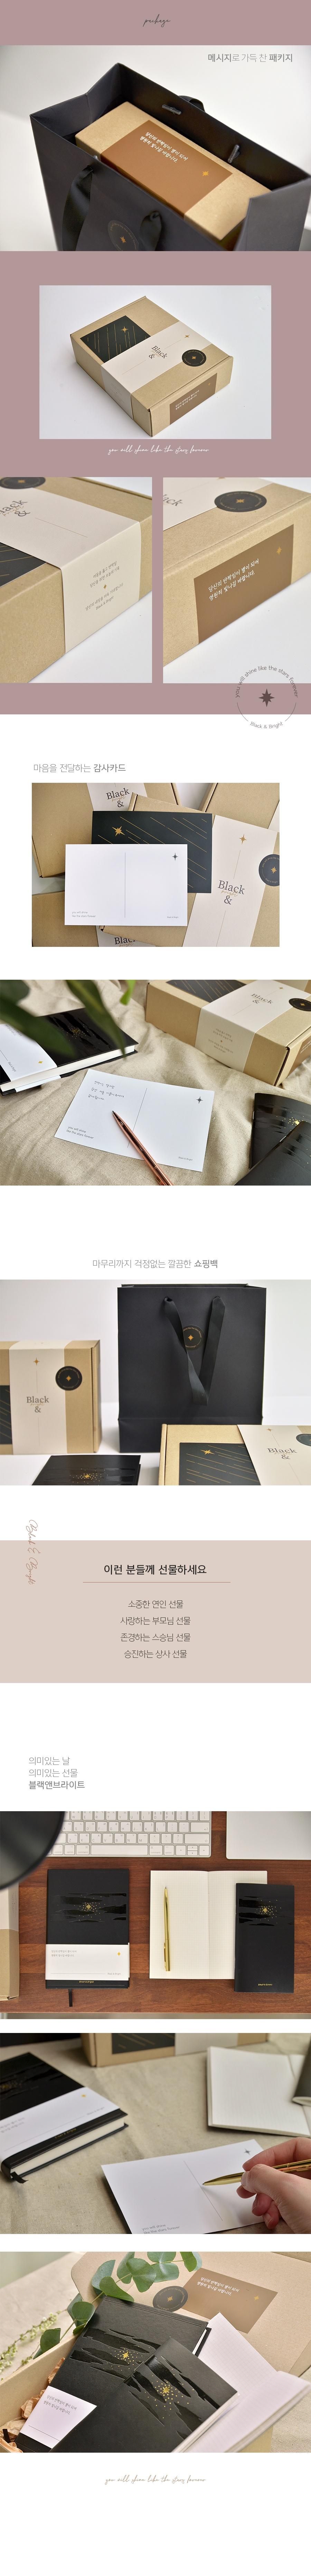 블랙앤브라이트 감사 선물 패키지 - 퍼센트플래너, 19,600원, 베이직노트, 유선노트